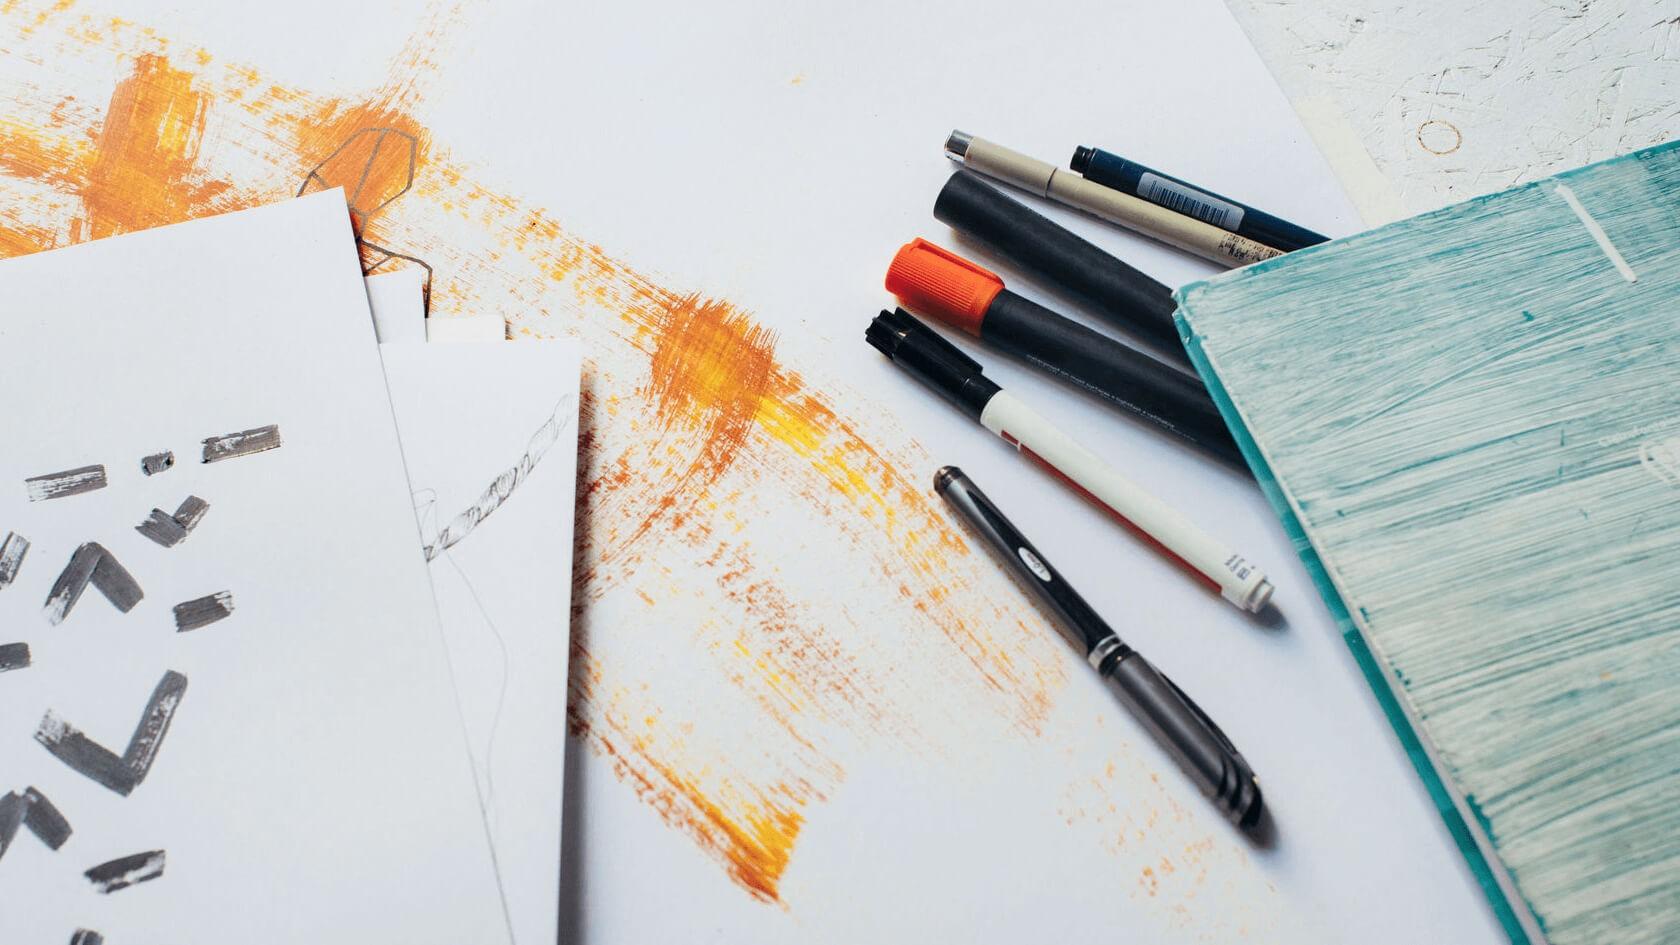 Verschiede Stifte liegen verteilt auf weißem Hintergrund, in der Mitte gemalte Streifen in Gelb, Orange und Braun.